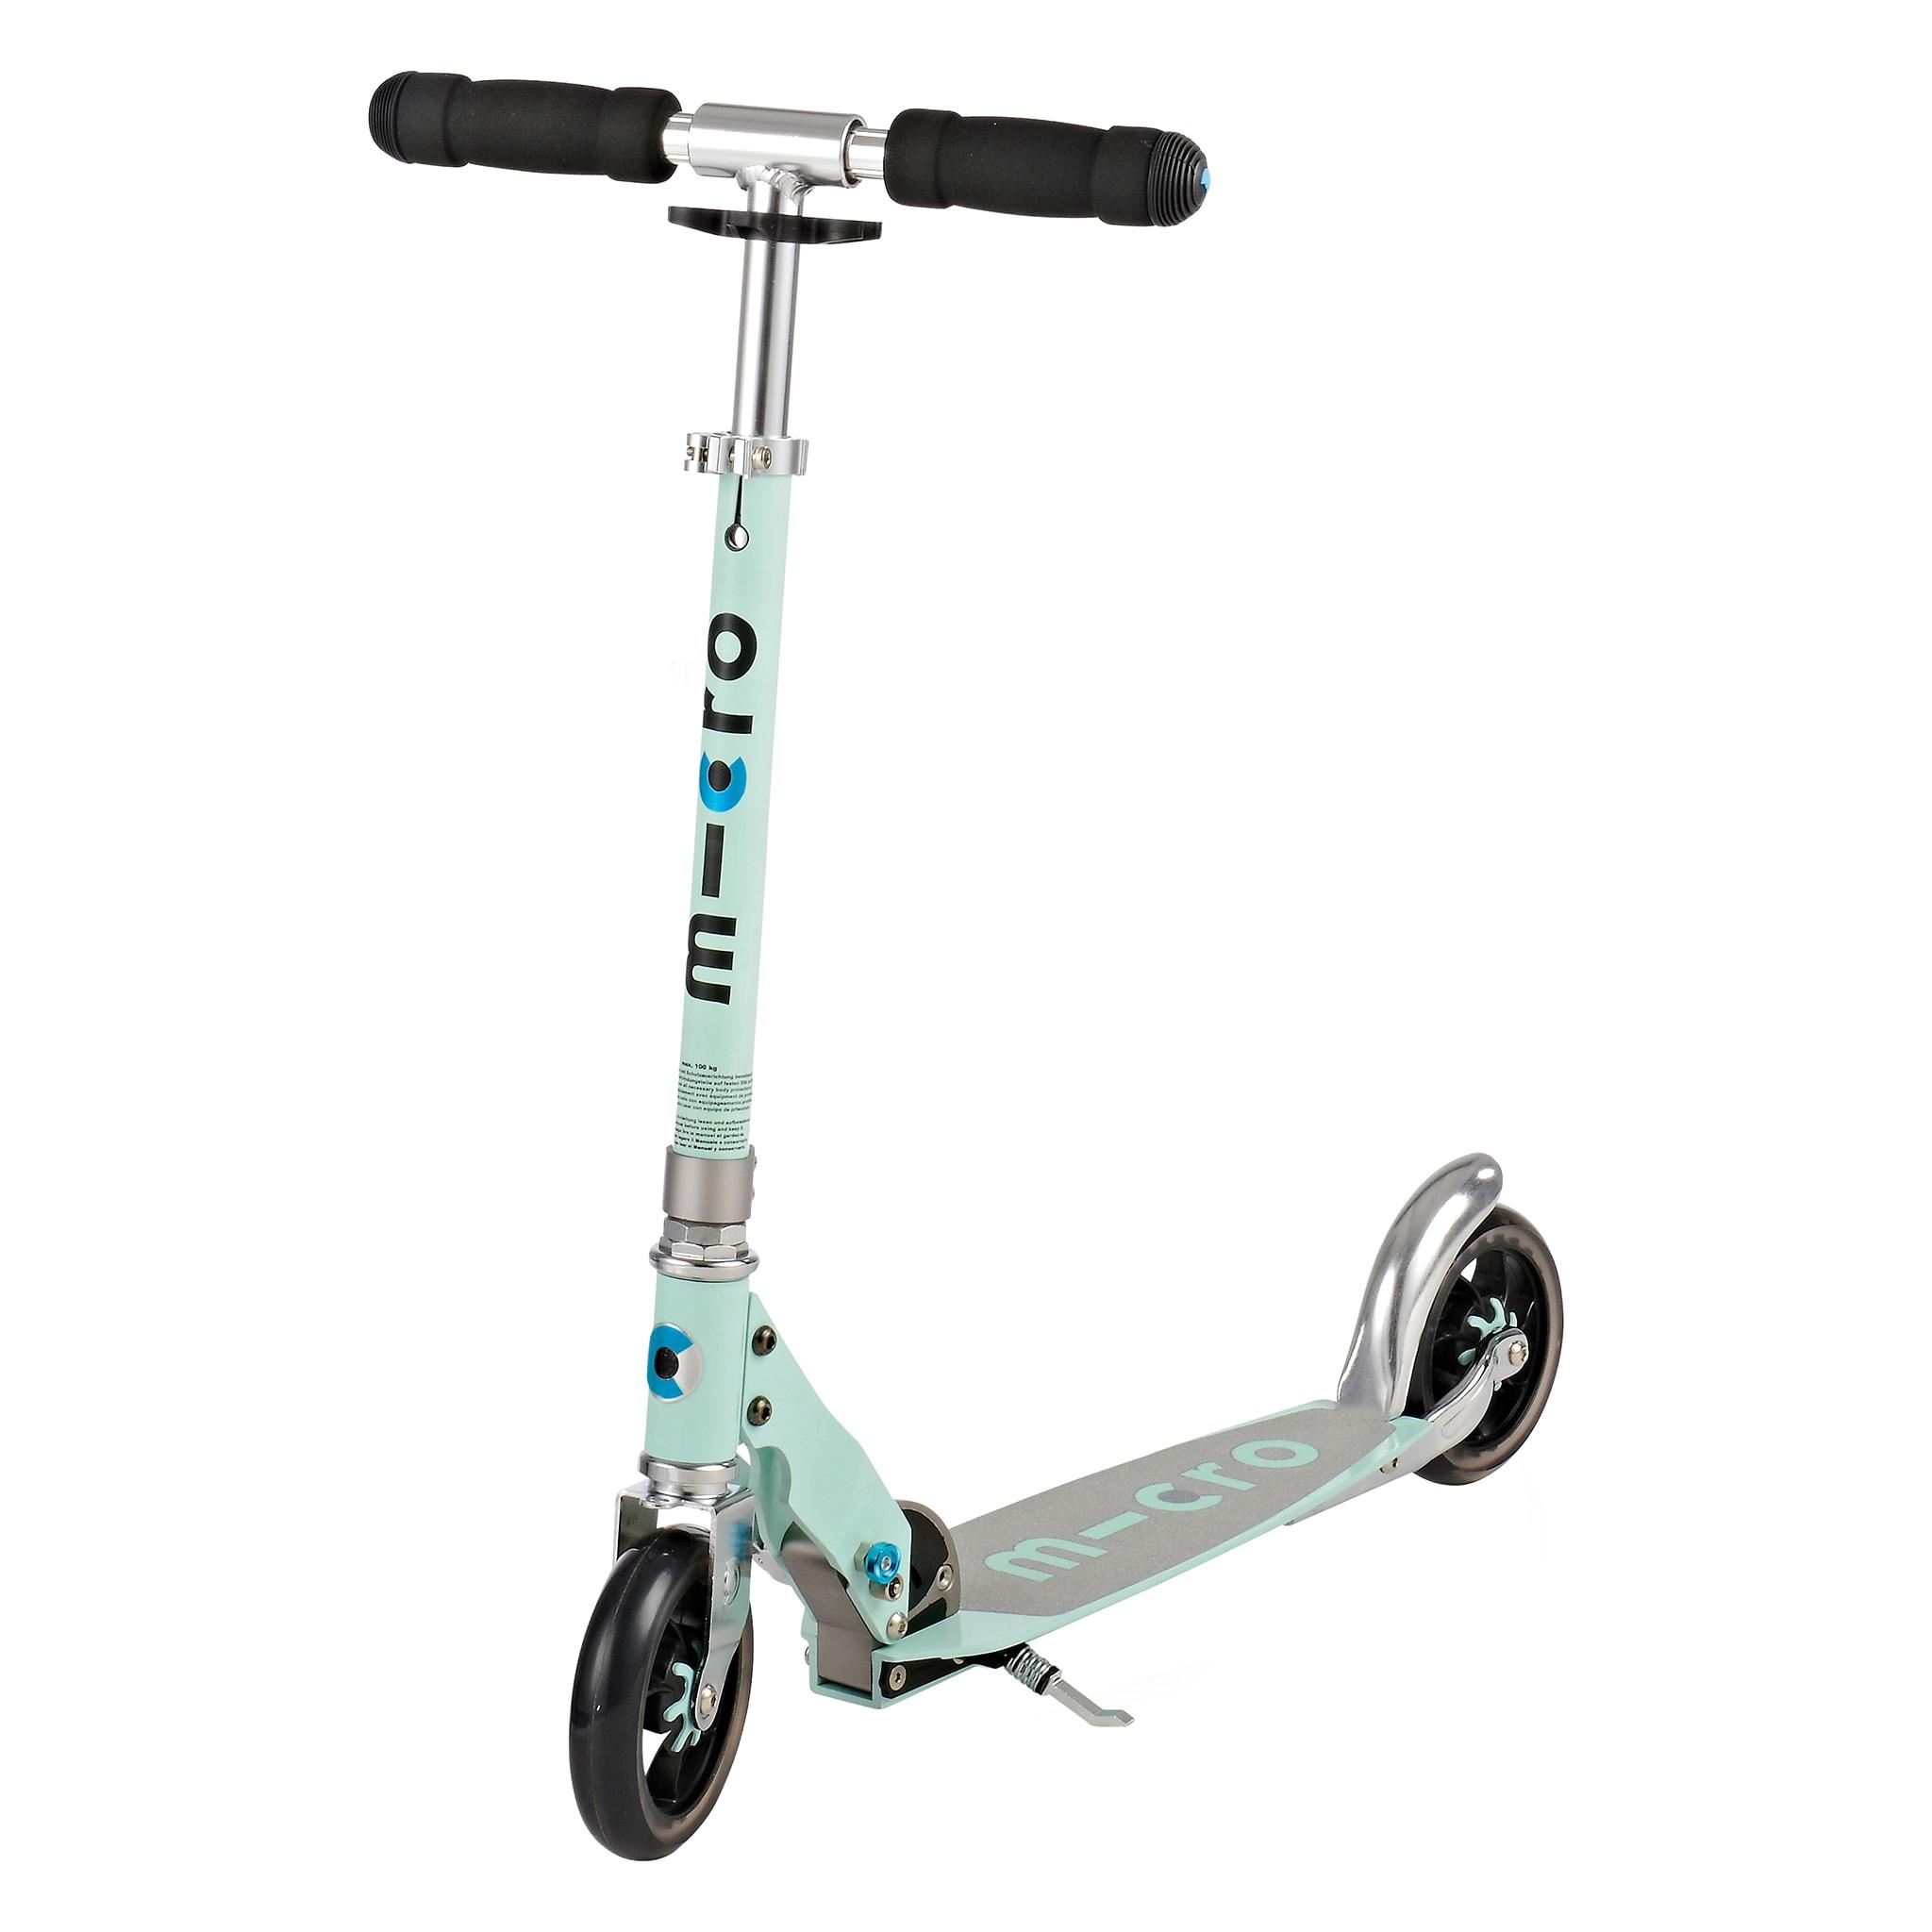 Store hjul og innebygd demping gjør sparkesykkelen svært rask og effektiv